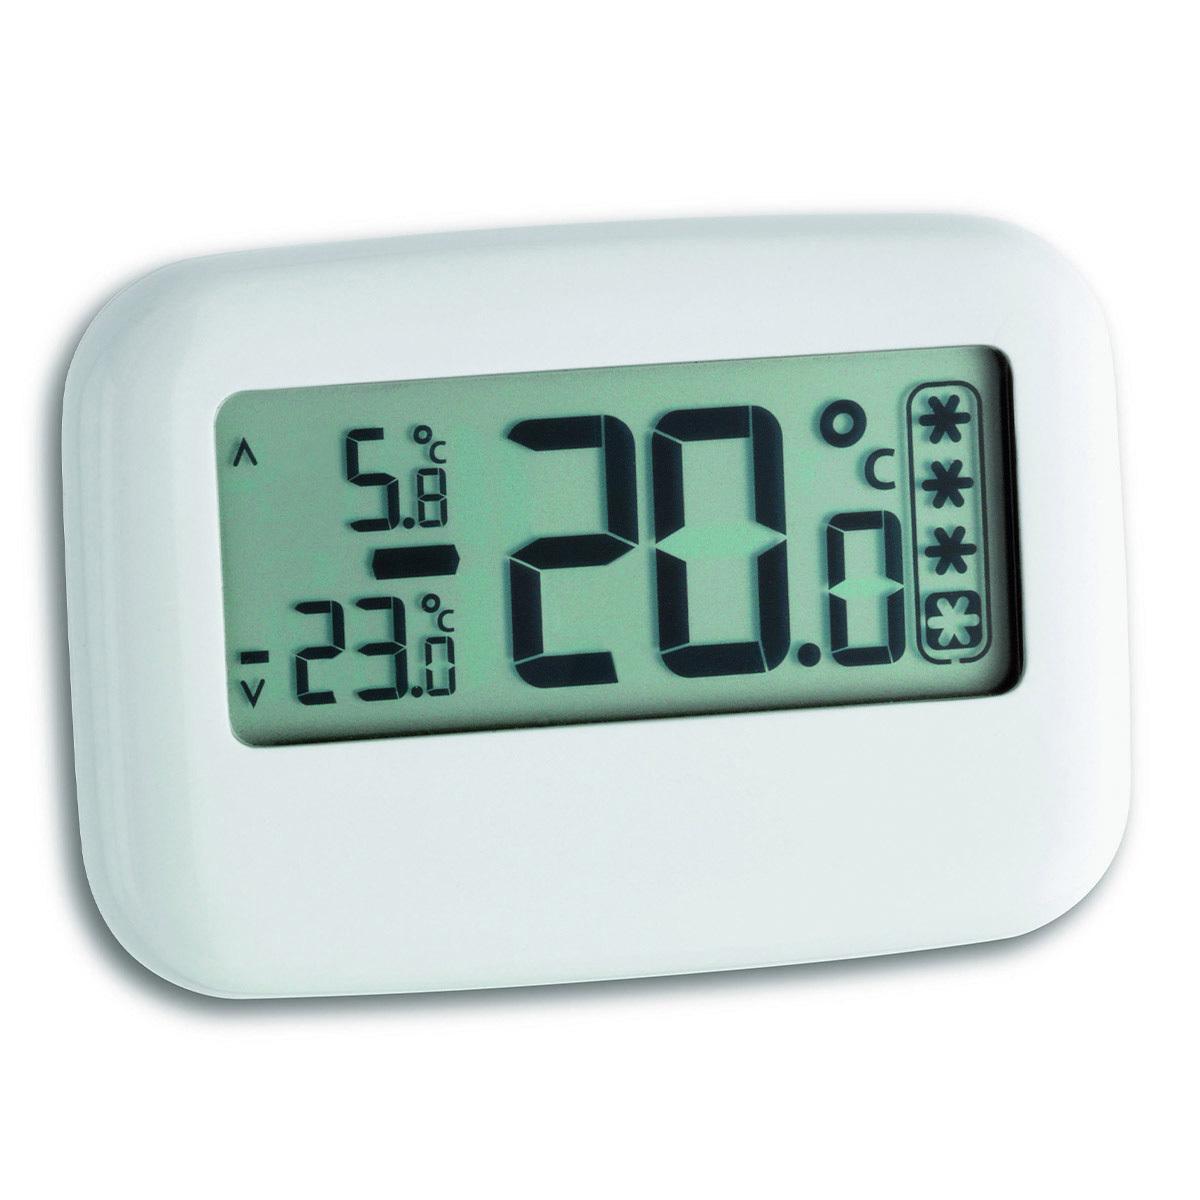 30-1042-digitales-kühl-gefrierschrank-thermometer-ansicht2-1200x1200px.jpg